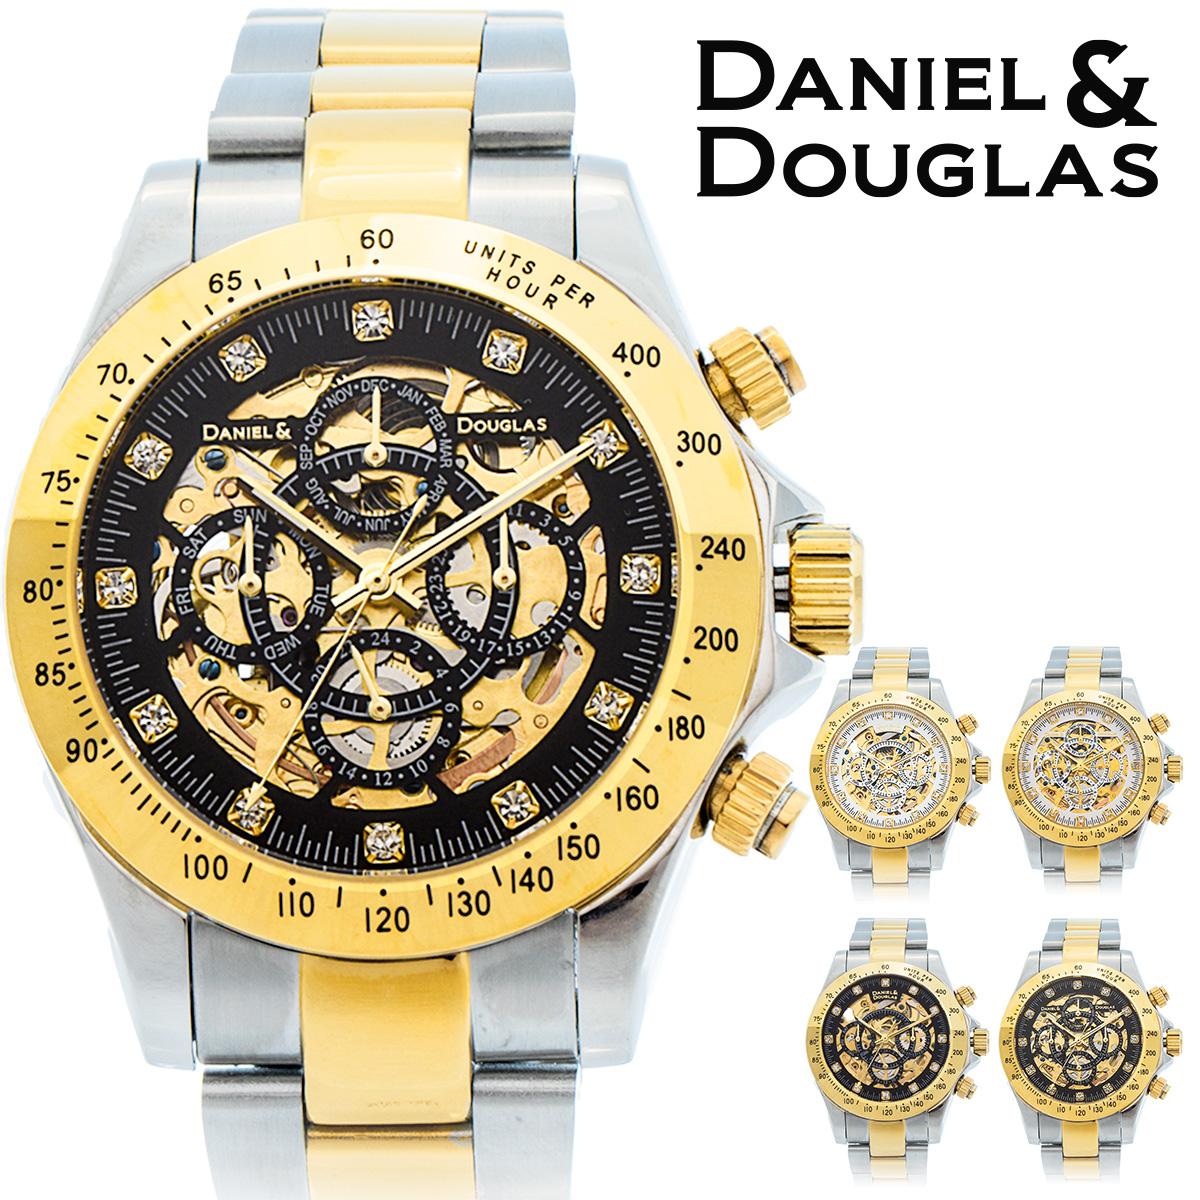 【期間限定特価】ダニエルダグラス DANIEL&DOUGLAS ダニエル ダグラス DD8802-GP メンズ 時計 腕時計 自動巻き オートマチック 機械式 スケルトン ゴールド